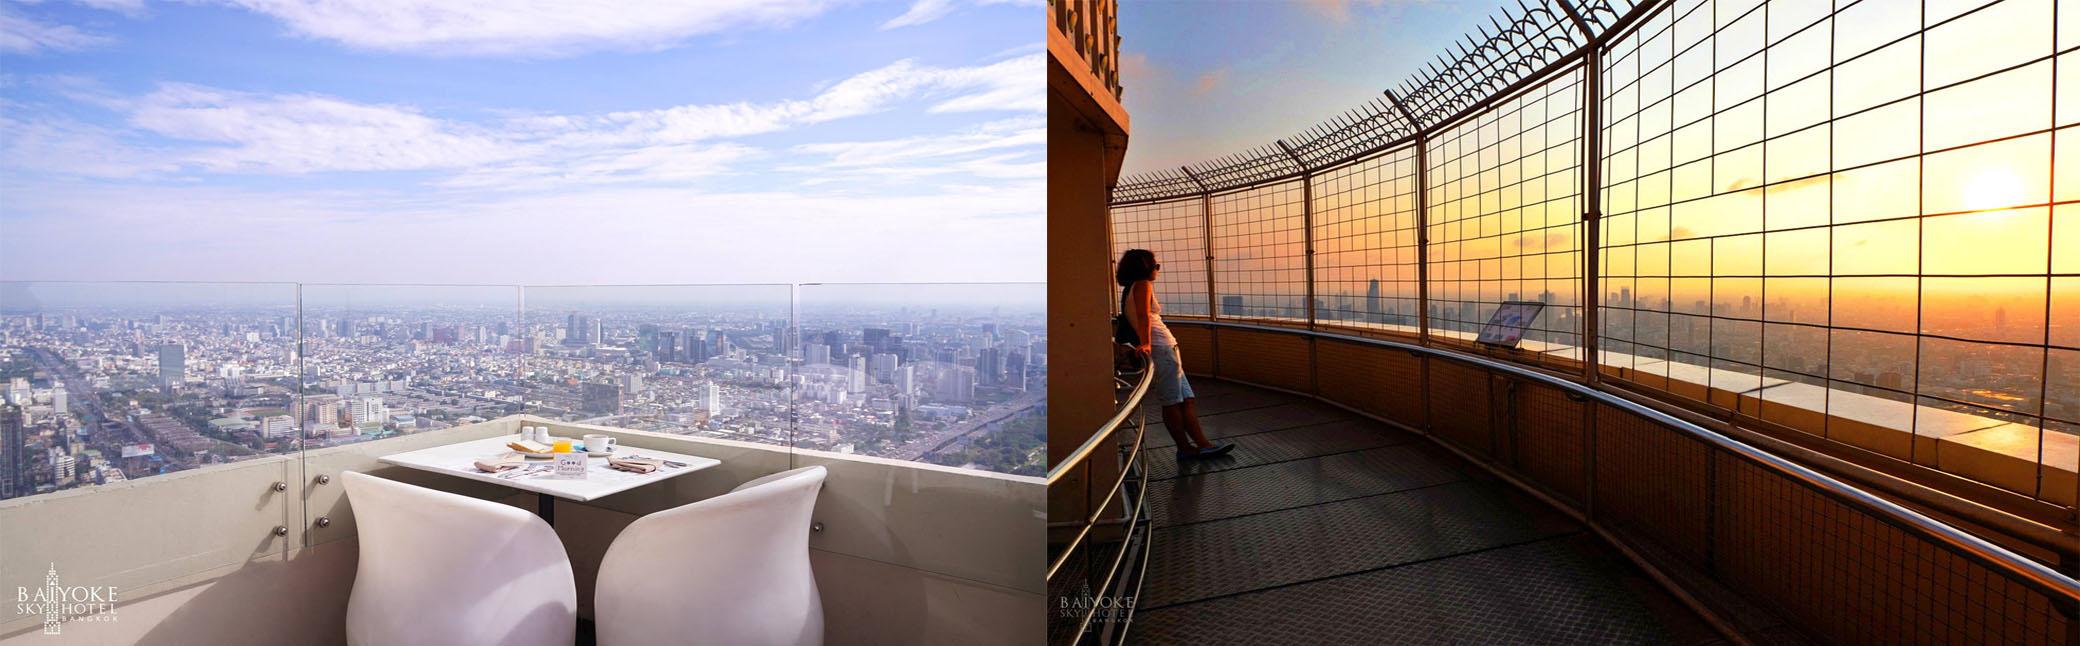 บุฟเฟต์สูงเสียดฟ้า ใบหยกสกายส์ ชั้น76 โปร 3 เด้ง @Baiyoke Sky  ตึกใบหยก บุฟเฟต์ชาบูทะเลลอยฟ้า